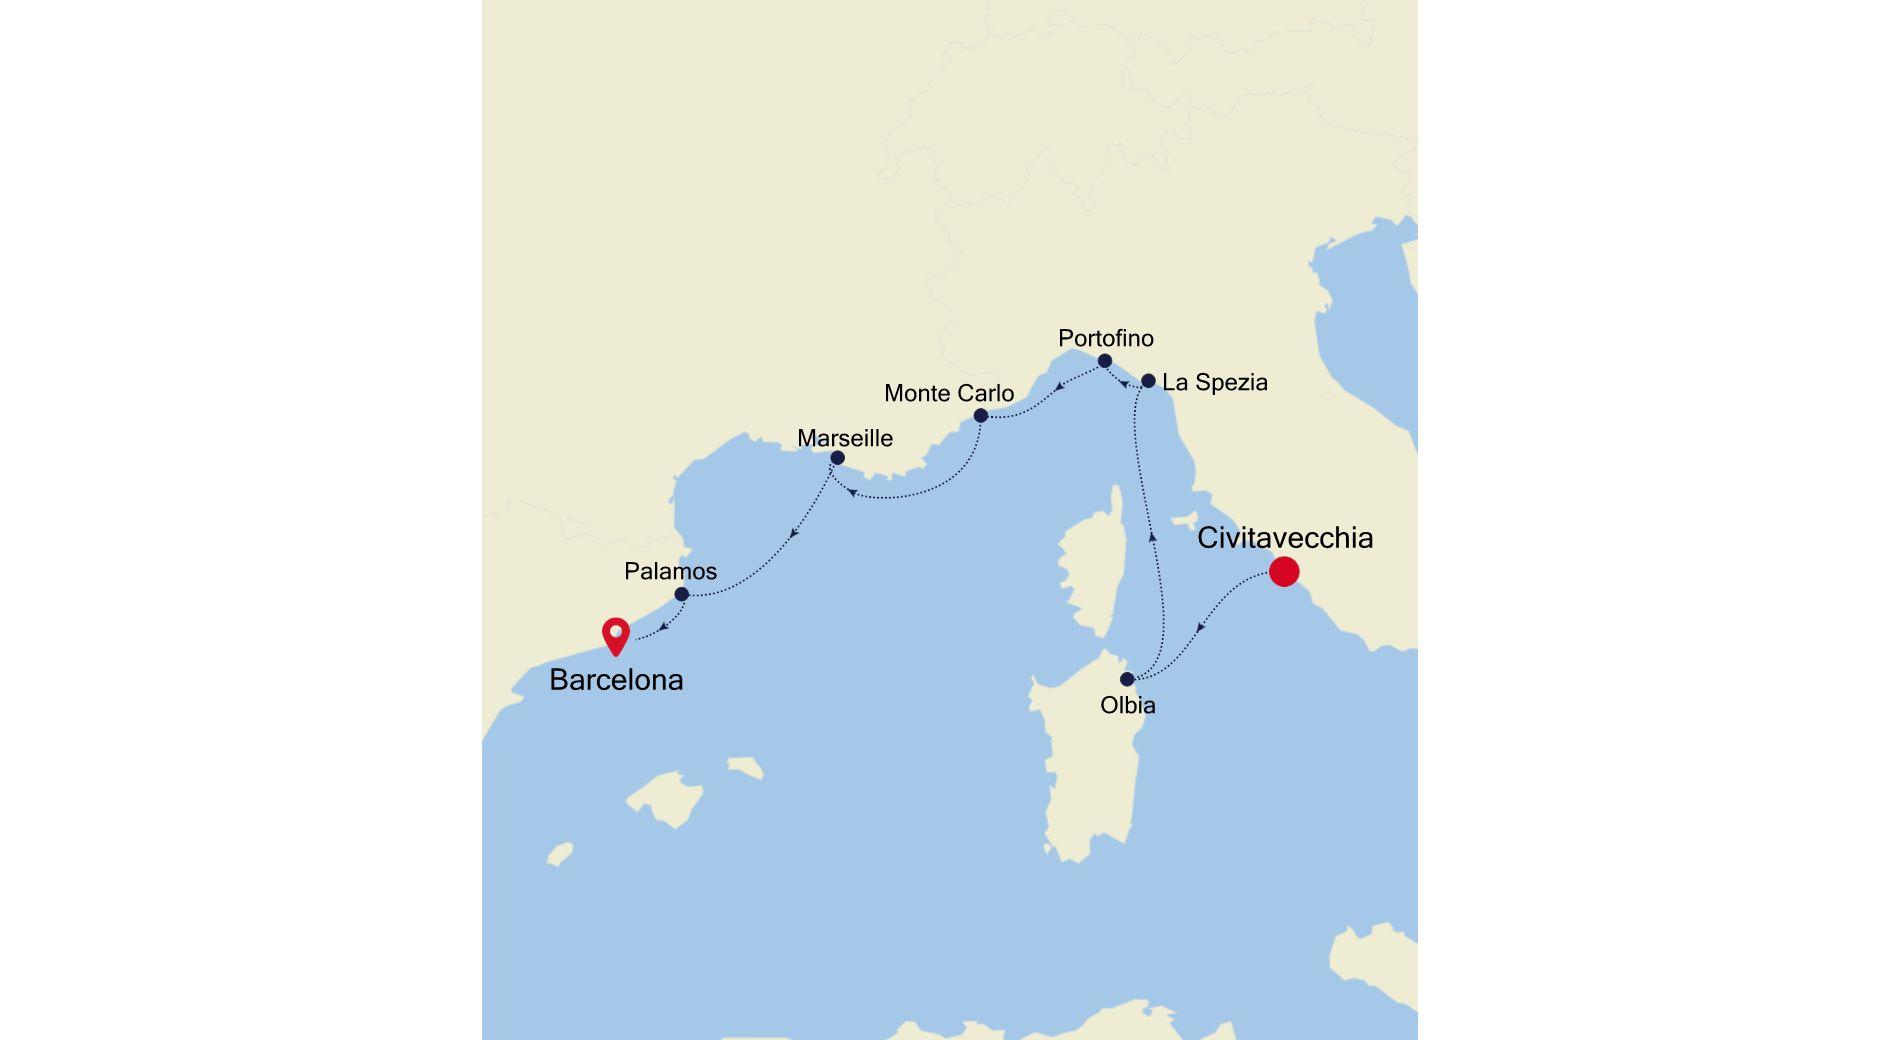 MO210524007 - Civitavecchia to Barcelona